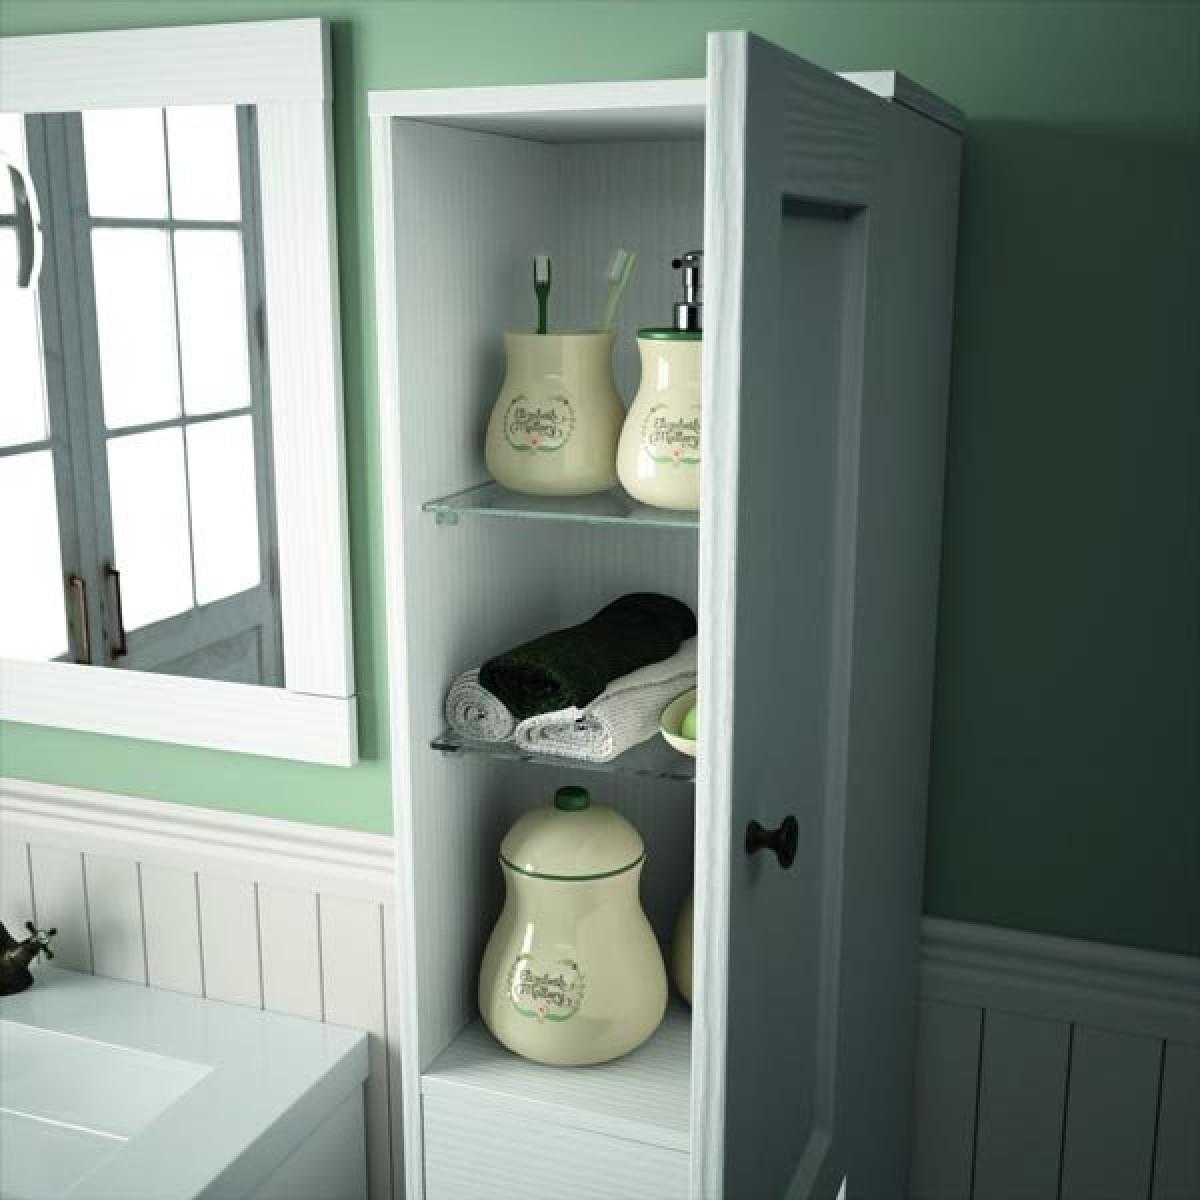 Floor standing bathroom cupboard